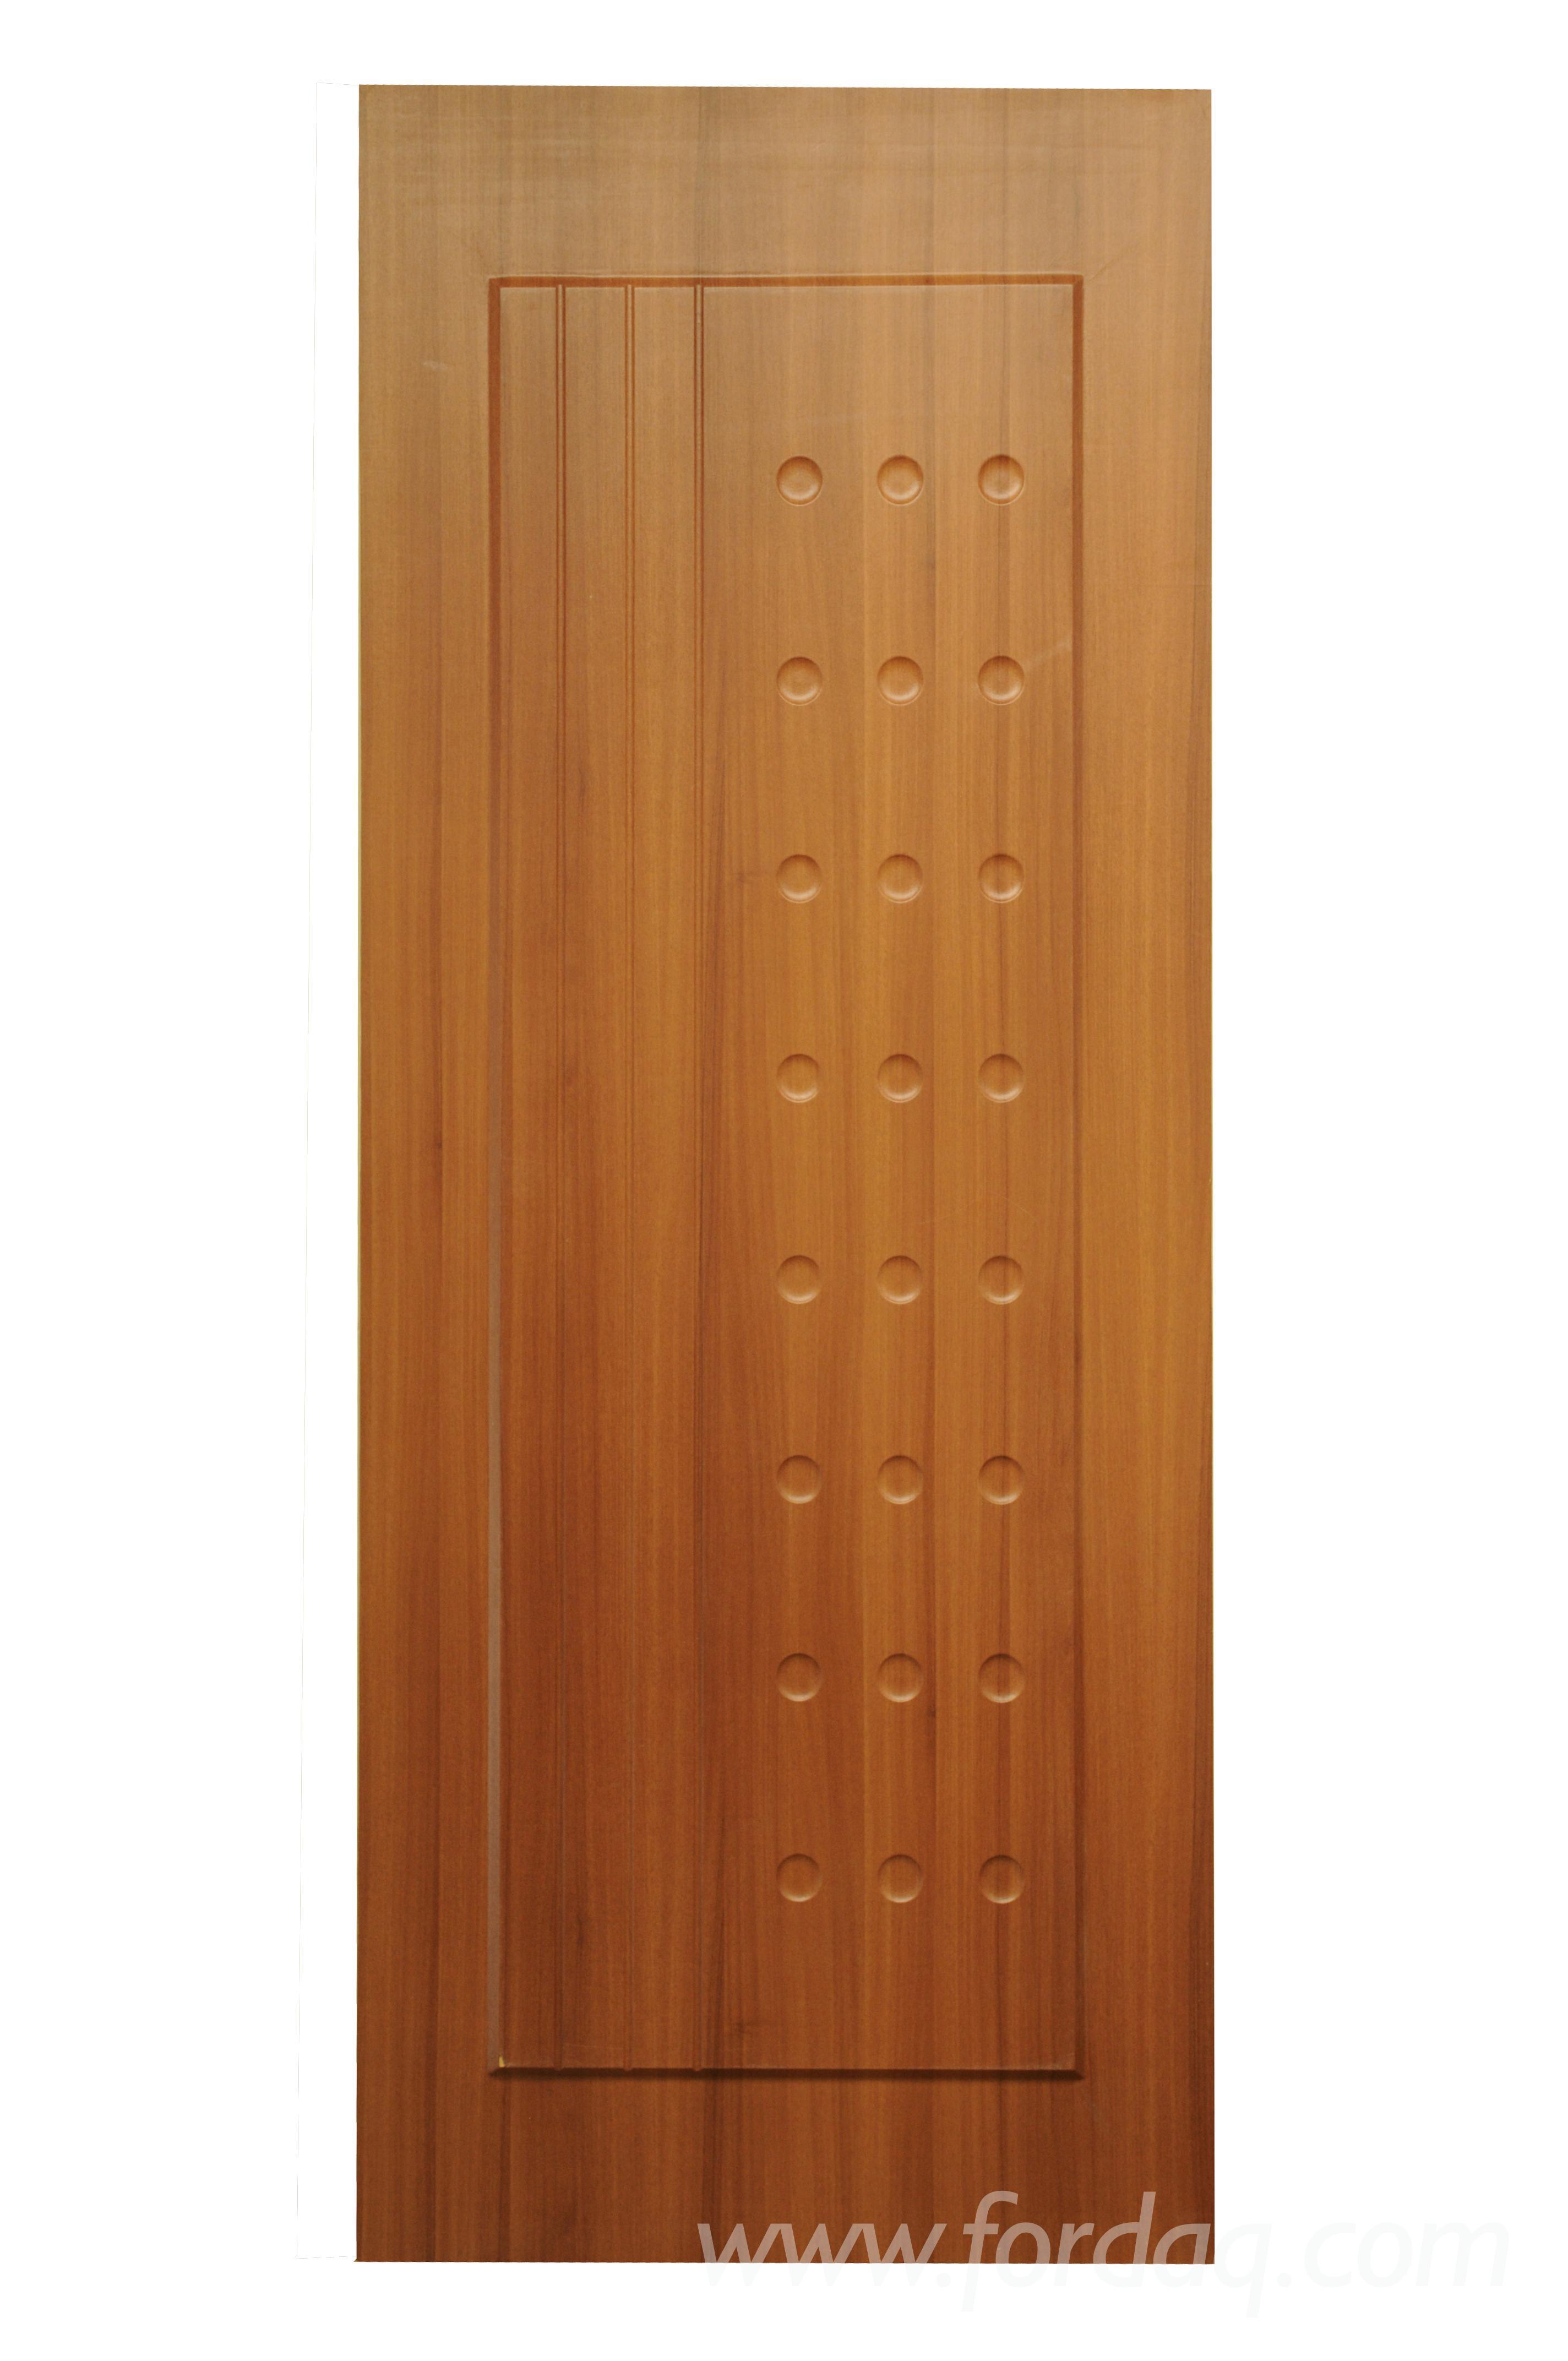 4288 #48200C Doors Pine Wood Filling pic Designer Wood Doors 39312848